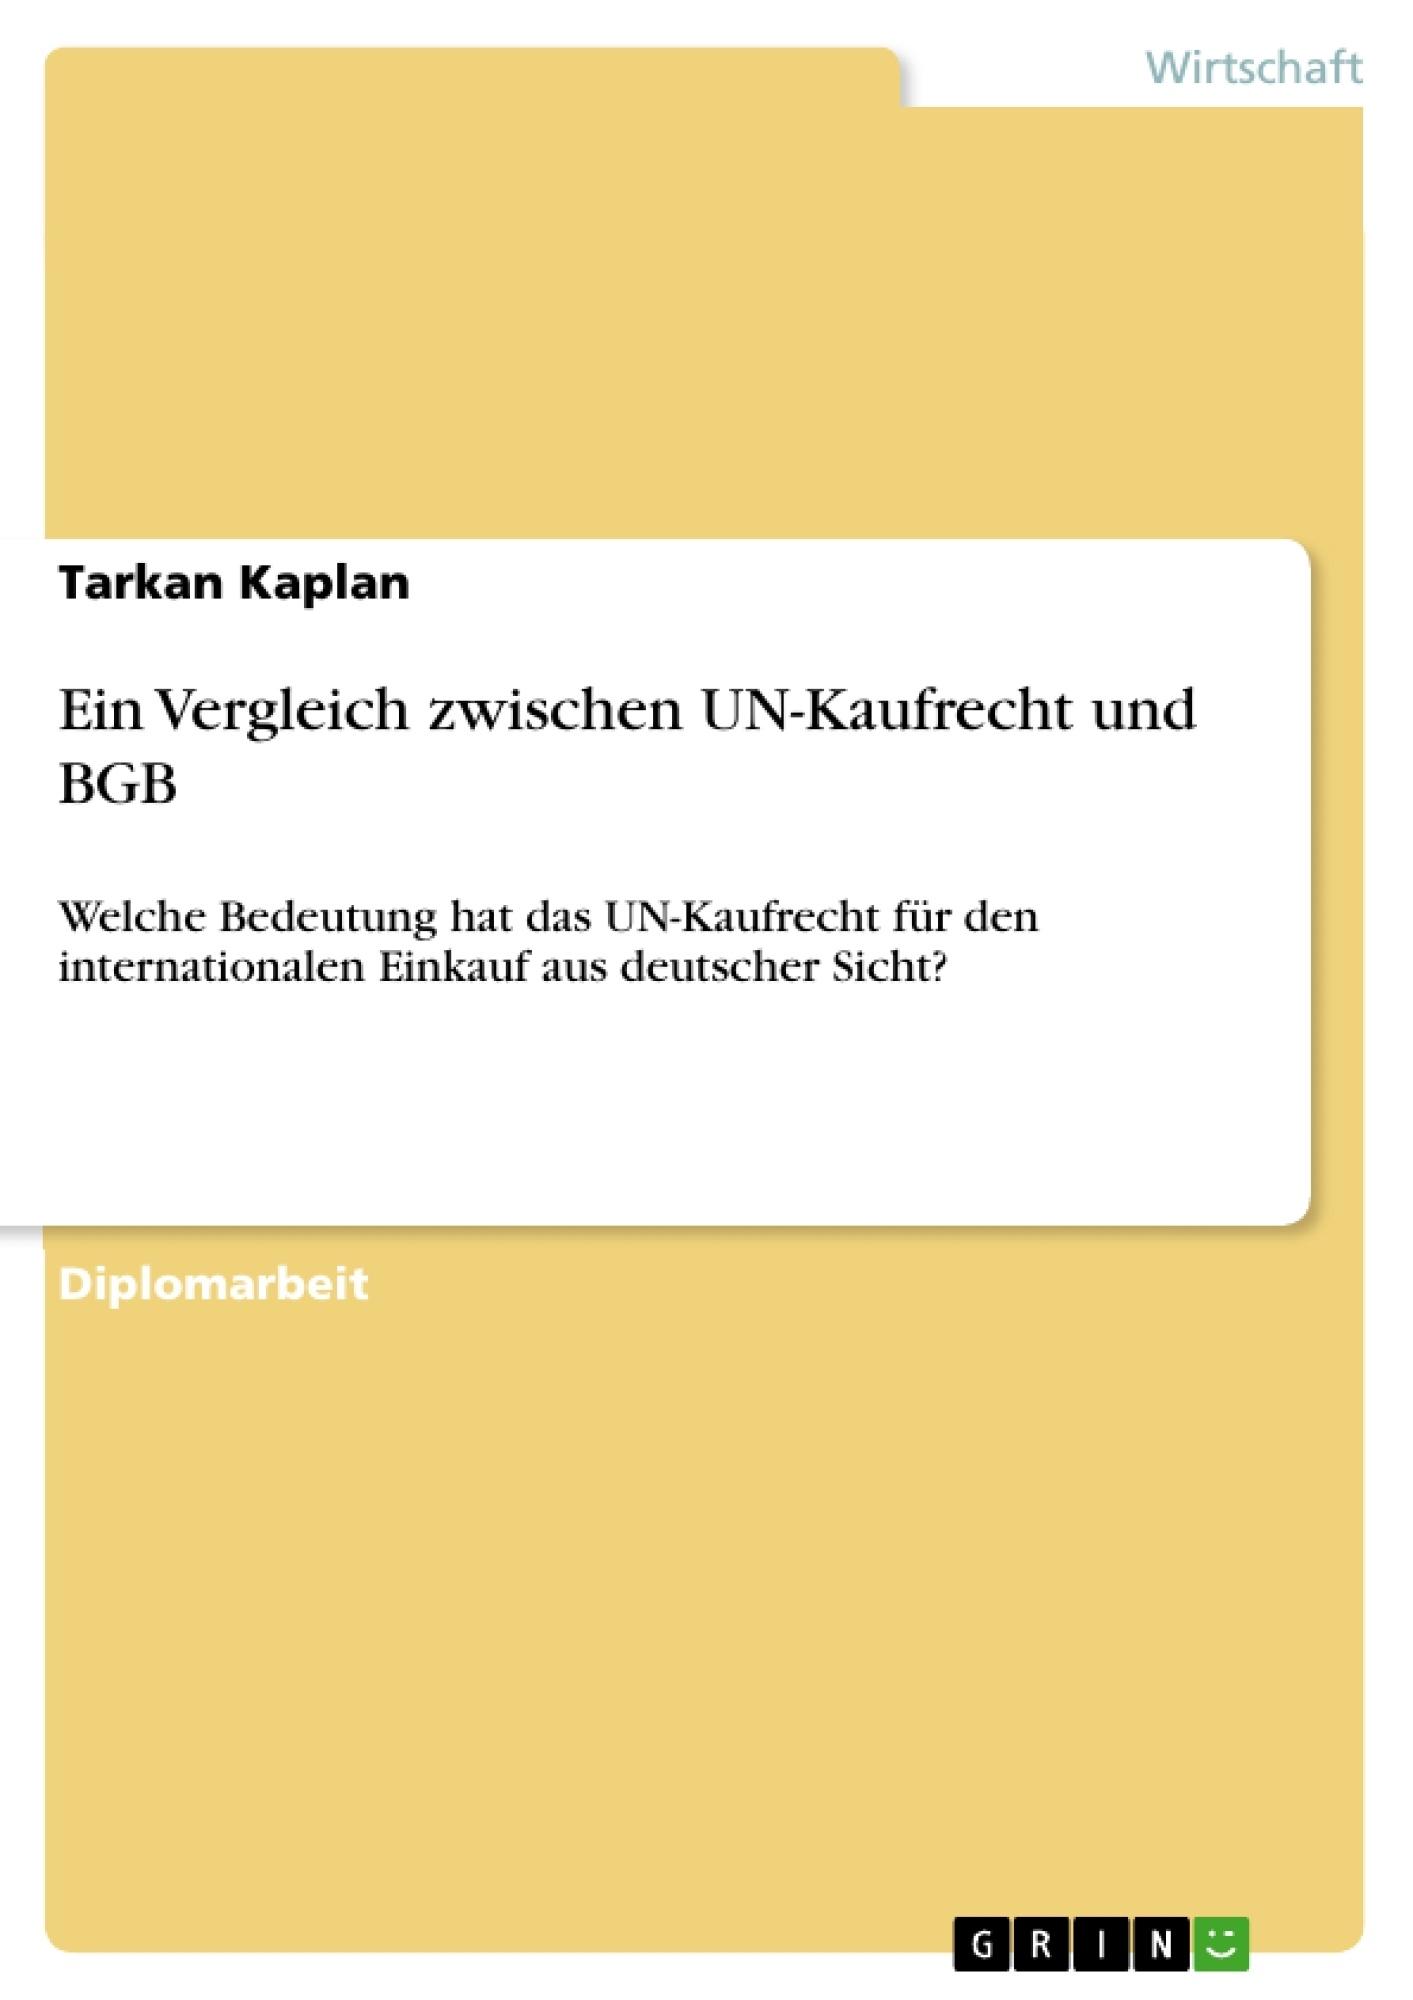 Titel: Ein Vergleich zwischen UN-Kaufrecht und BGB